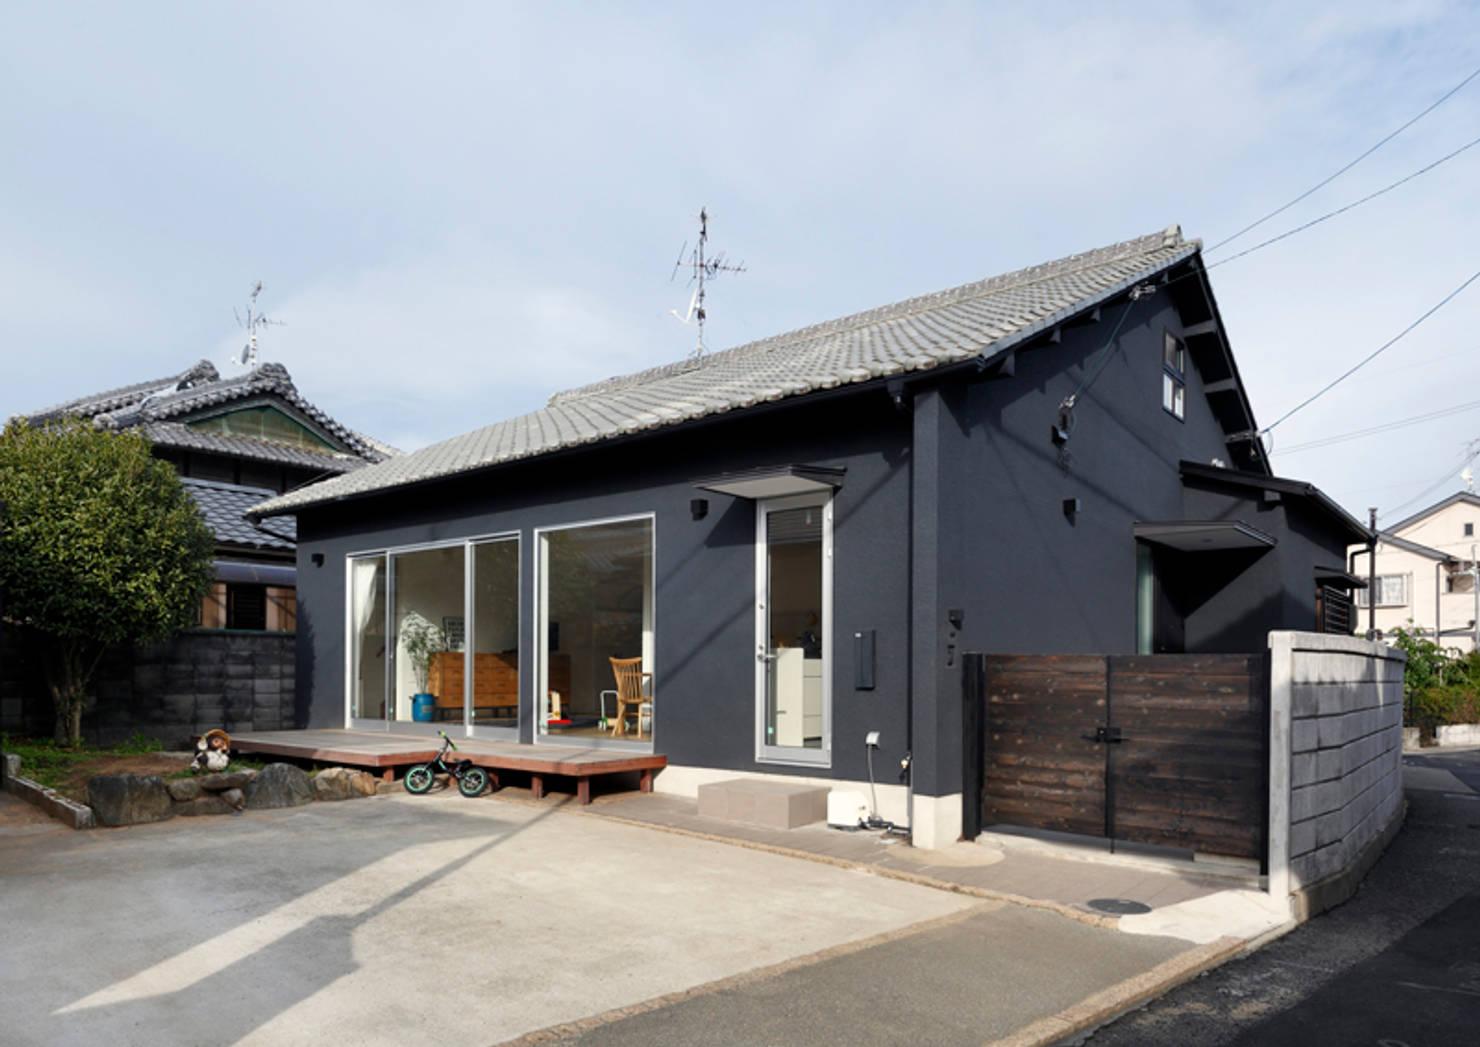 마흔 살 집에 젊음을 담아내는 대변신, 일본 단독주택 리모델링